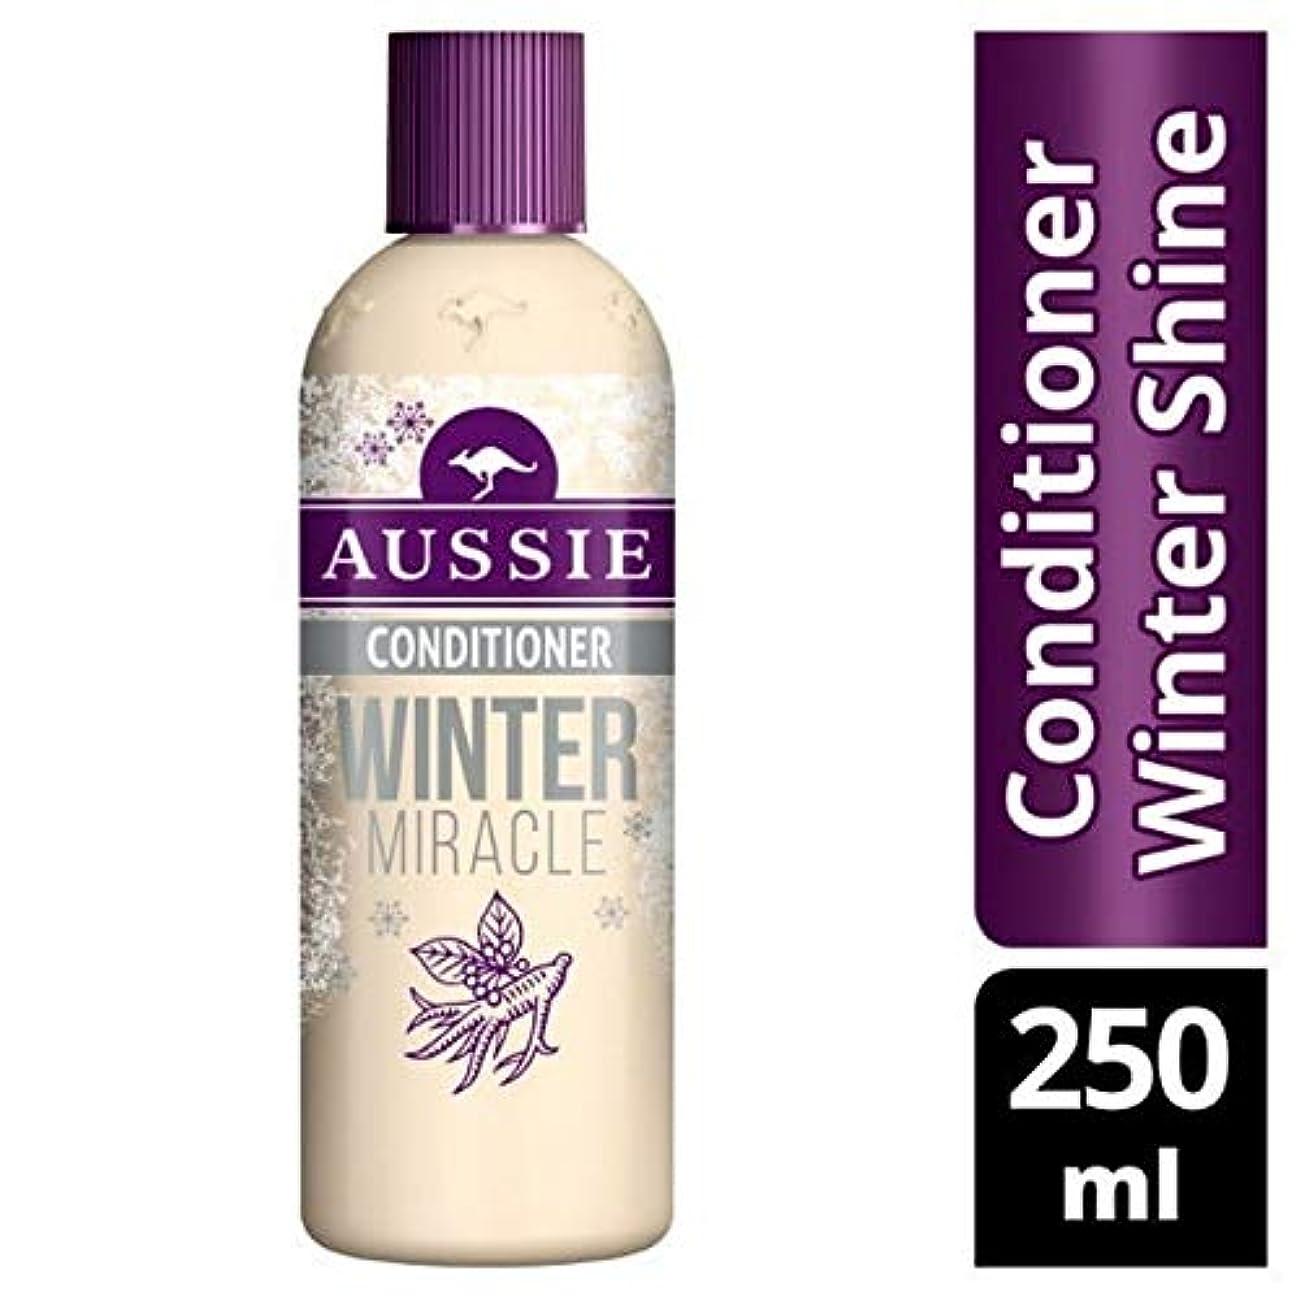 小売唯一唯一[Aussie ] 鈍い、疲れた髪の250ミリリットルのためのオーストラリアコンディショナー冬の奇跡 - Aussie Conditioner Winter Miracle For Dull, Tired Hair 250ml...